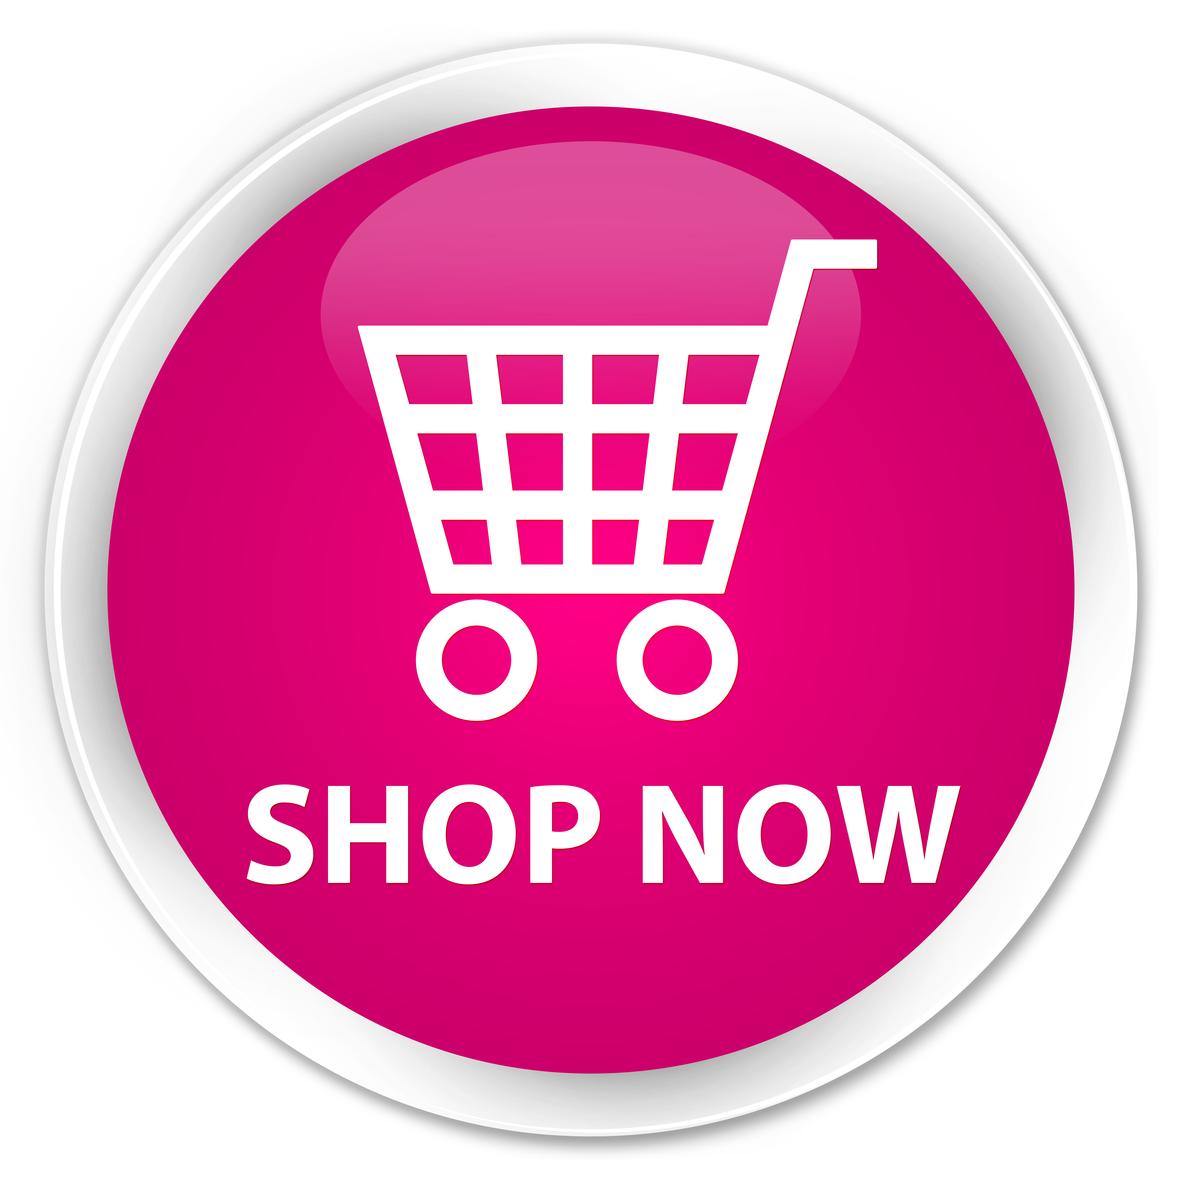 bigstock-Shop-Now-Premium-Pink-Round-Bu-162687416